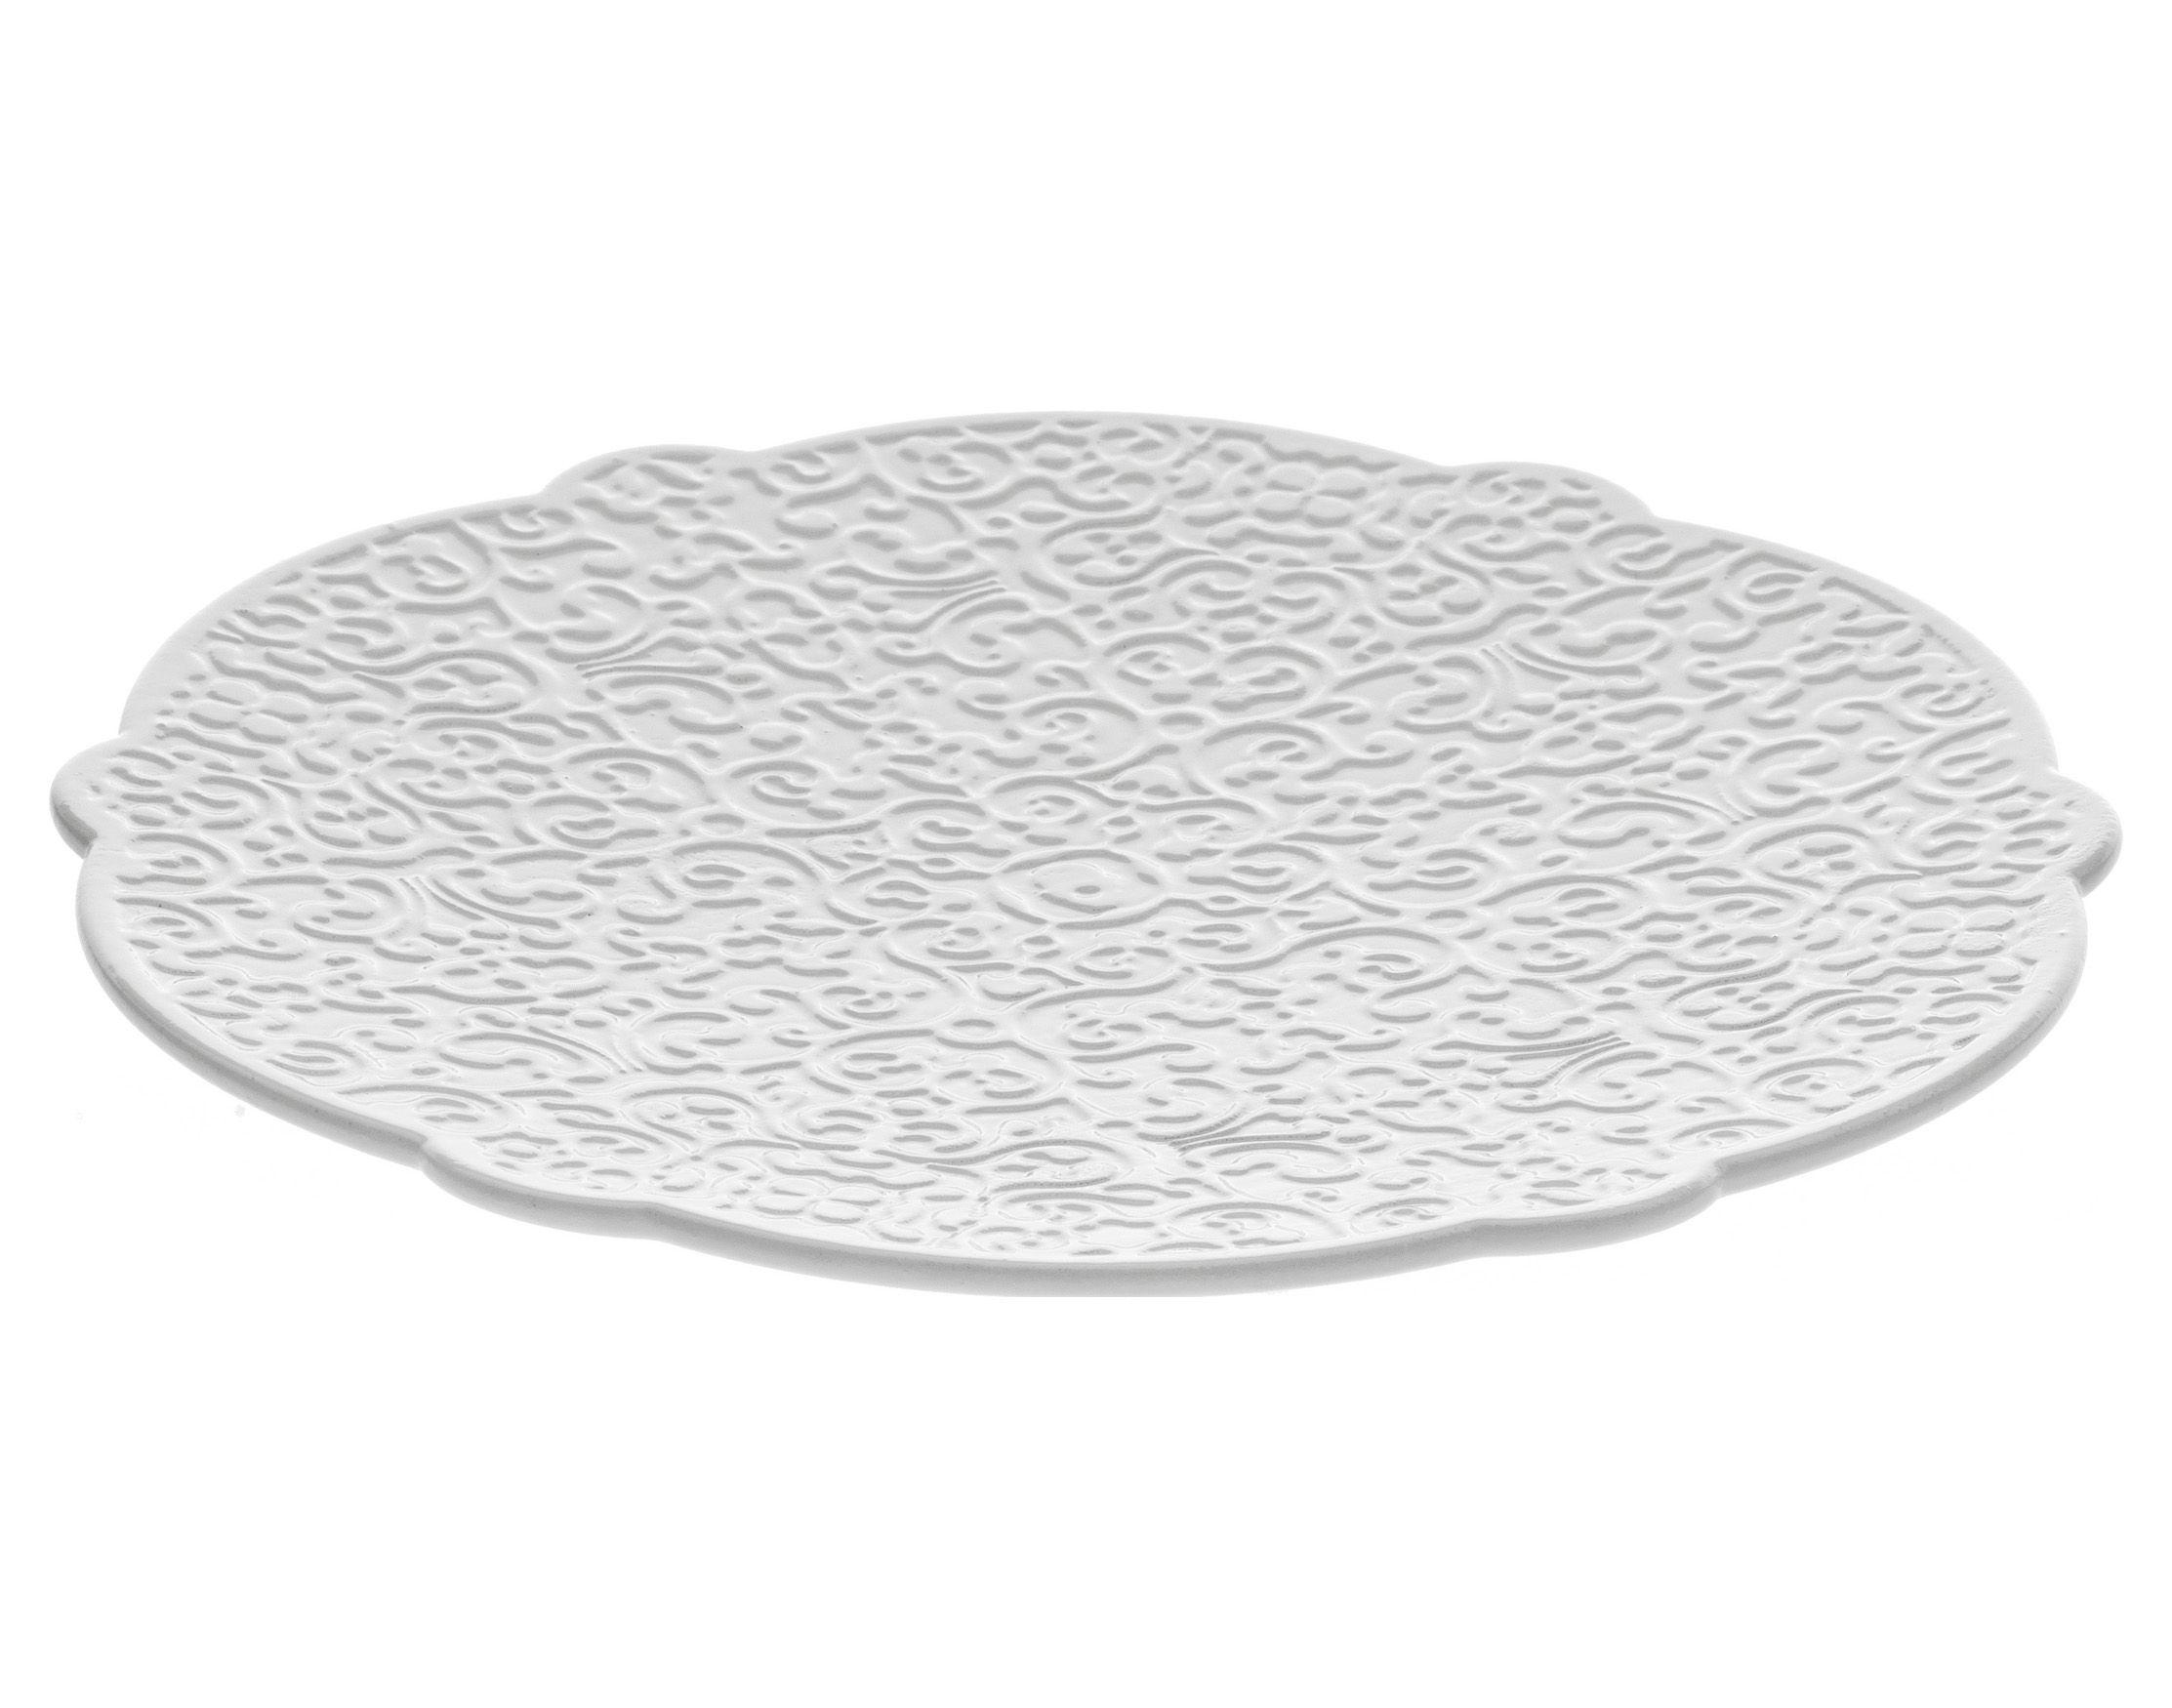 Tavola - Tazze e Boccali - Piattino sottotazza Dressed - per tazza da tè di Alessi - Piattino per tazza da tè - Bianco - Porcellana